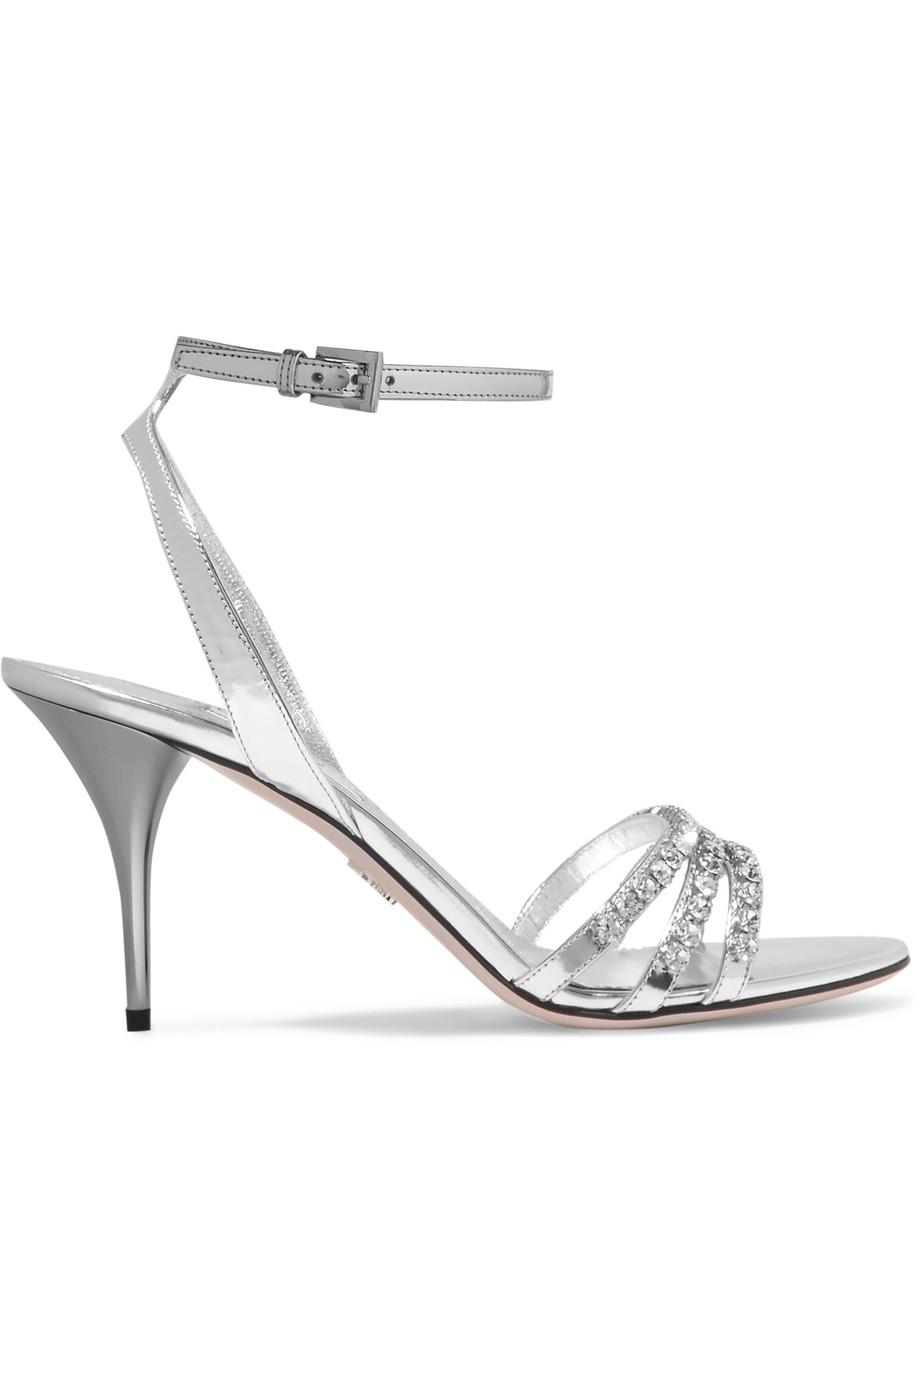 Sandali gioiello argento Prada